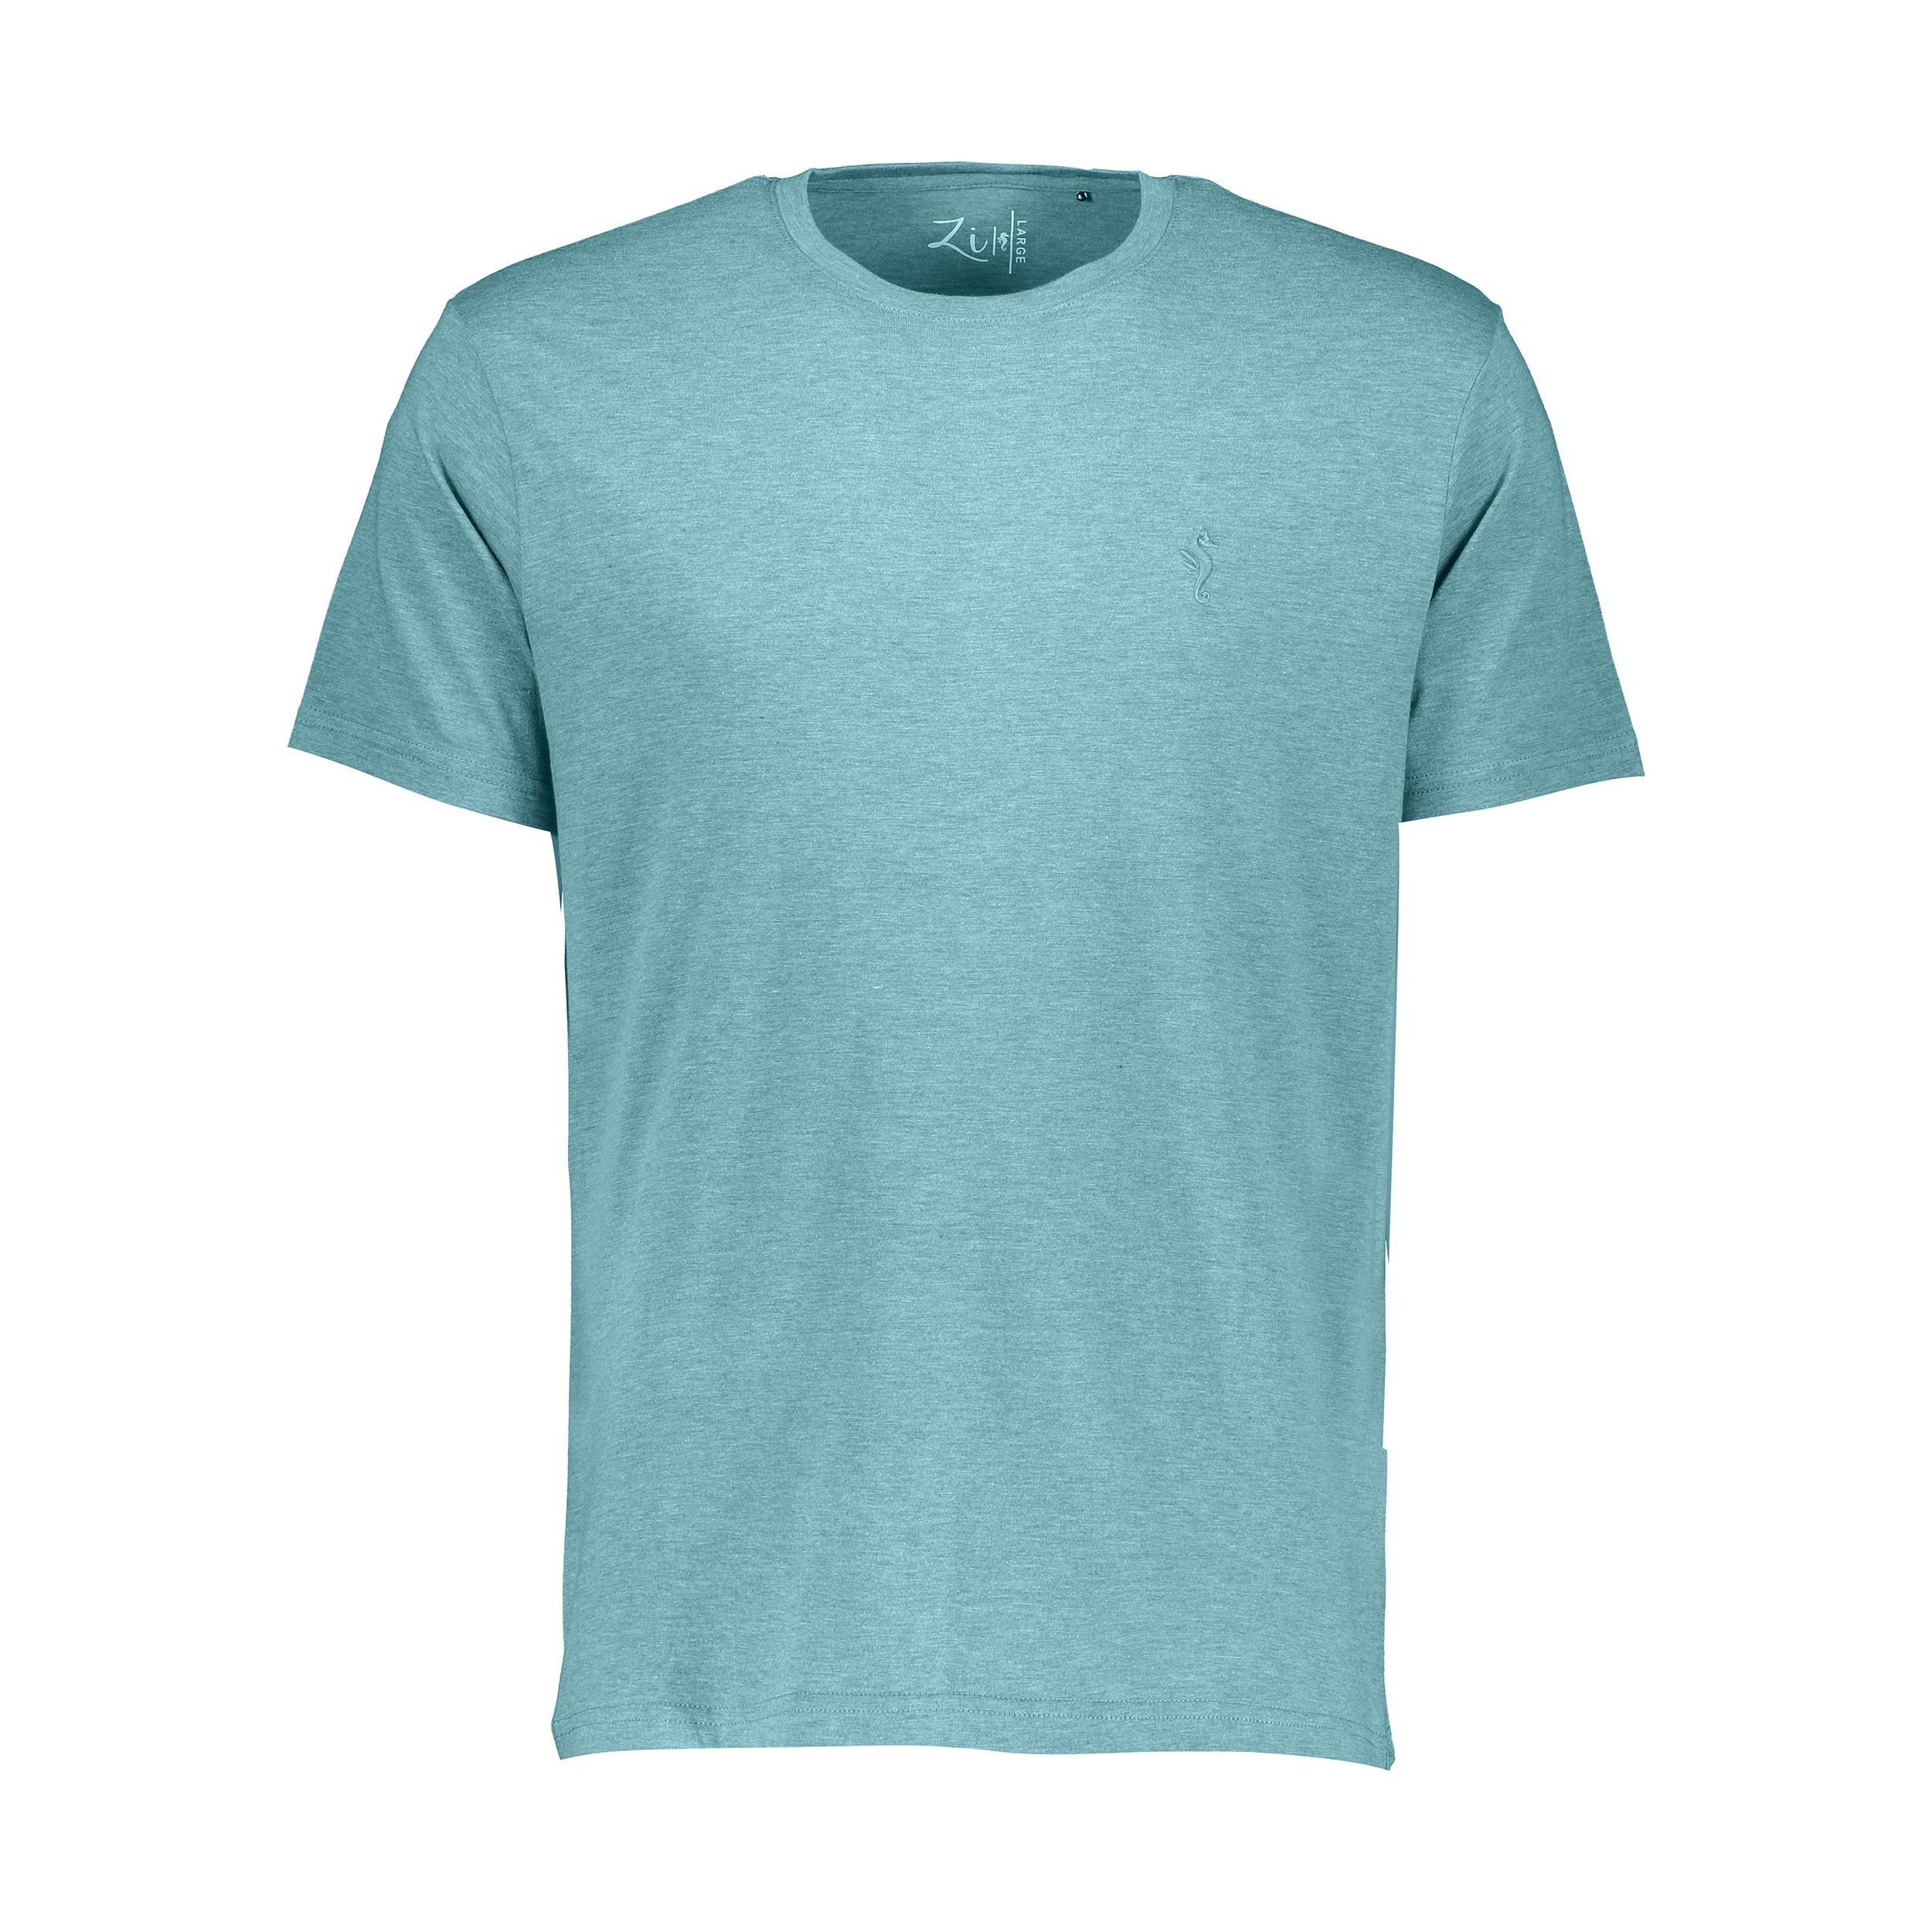 تی شرت مردانه زی مدل 153113154